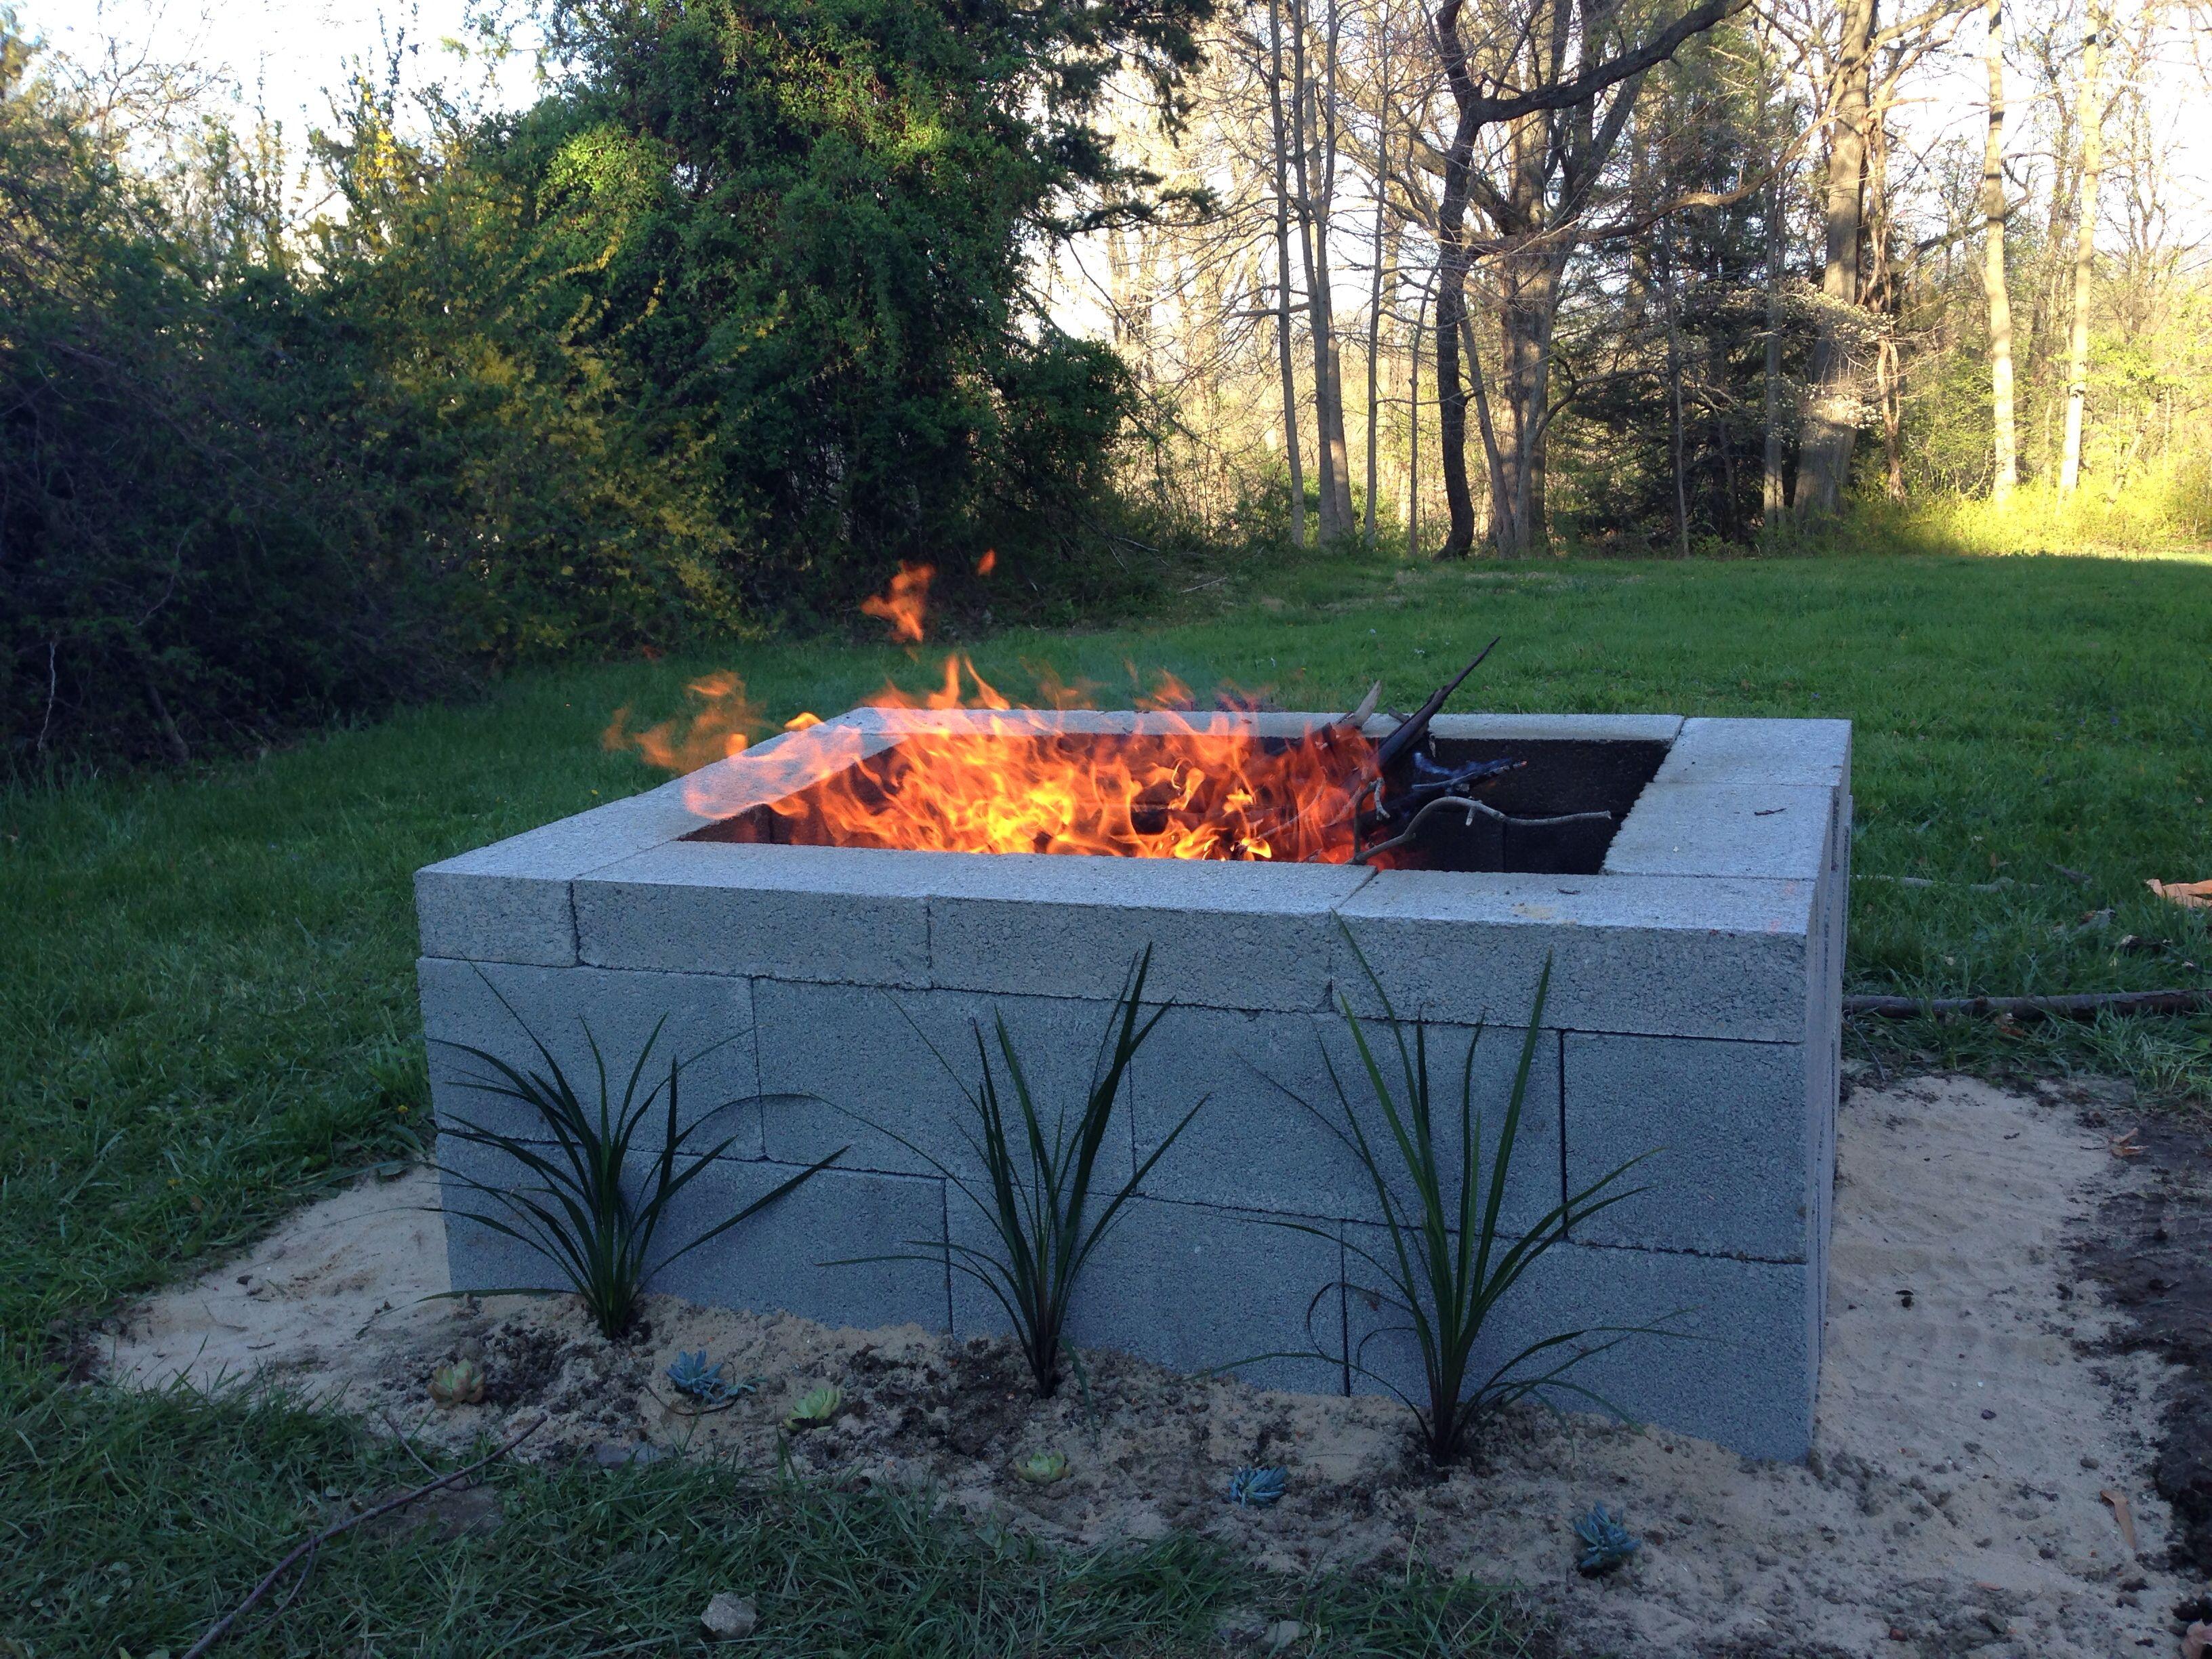 50 Diy Fire Pit Design Ideas Bright The Dark And Fire The Bored Foyer Exterieur Patio Exterieur Amenagement Exterieur